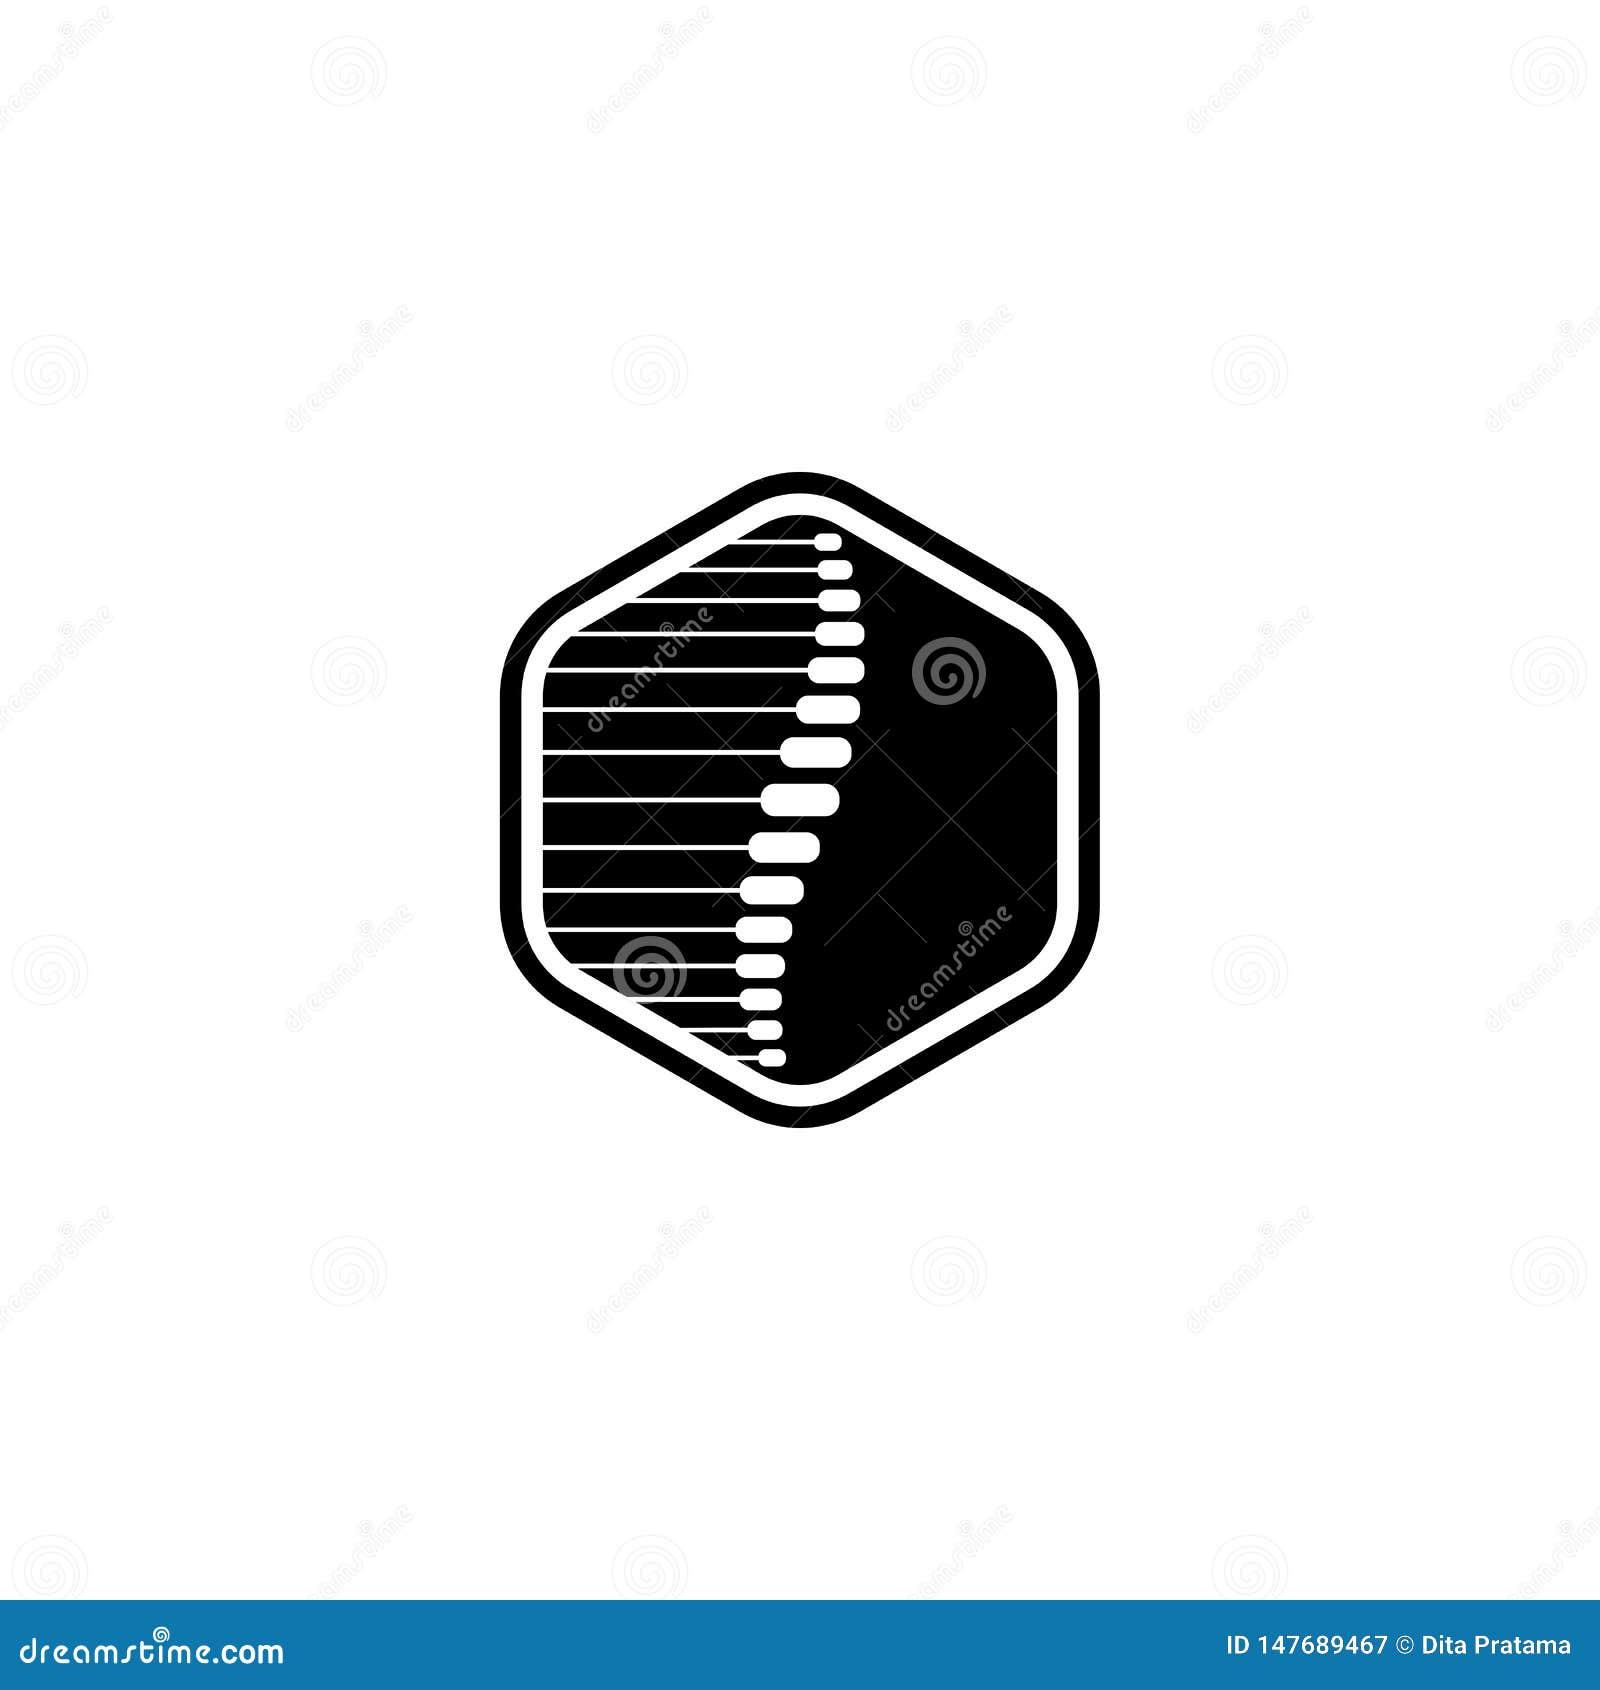 Backbone medicine hexagon logo.